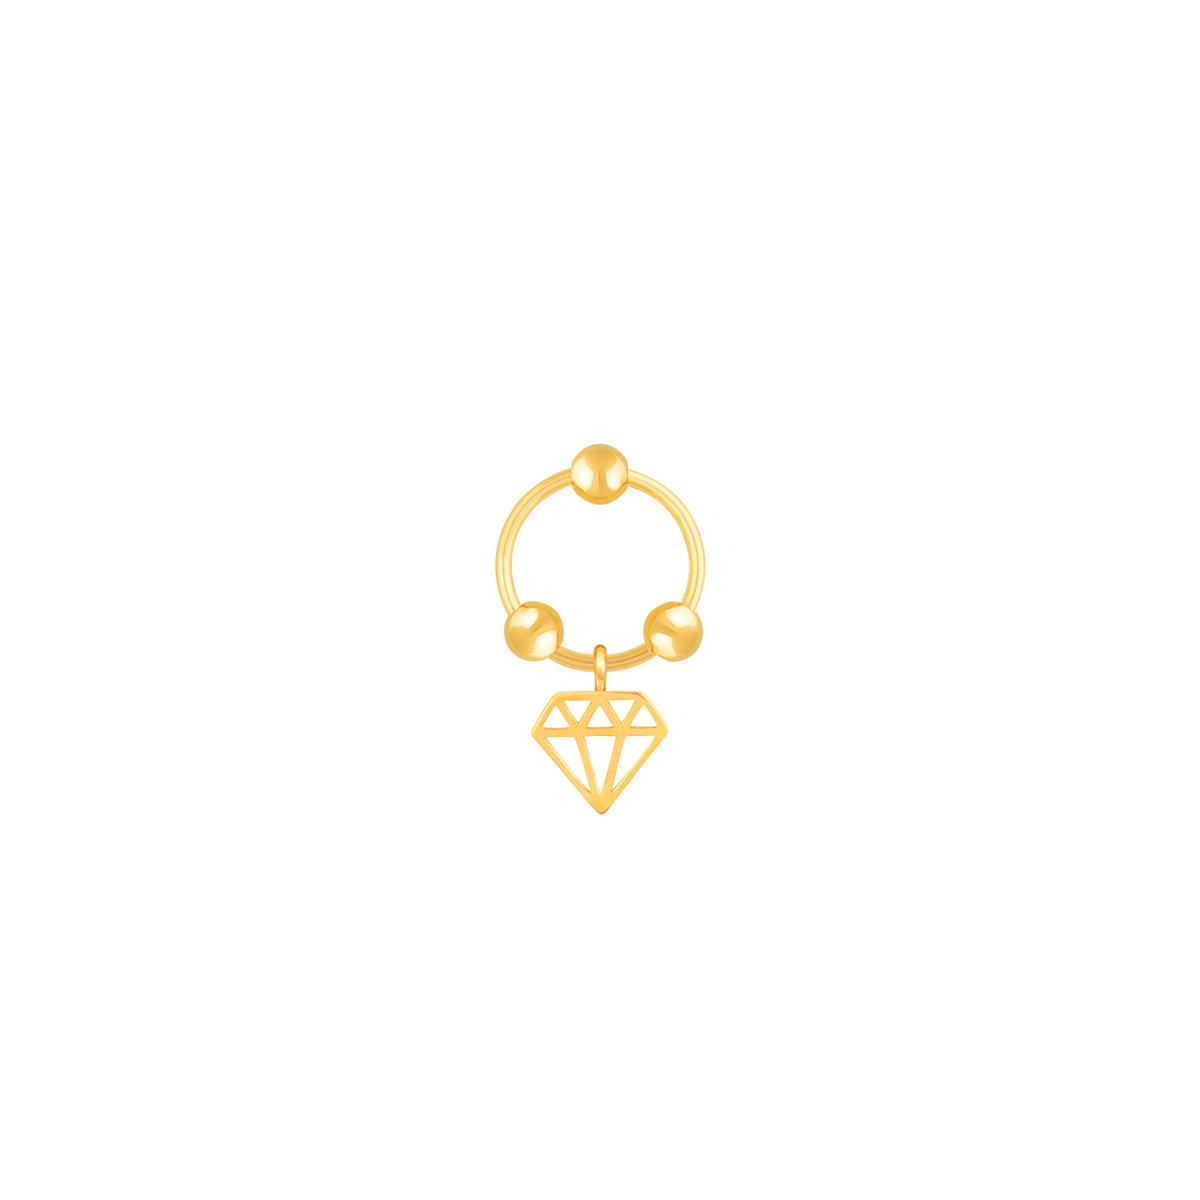 گوشواره طلا تک لنگه ای الماس و سه گوی